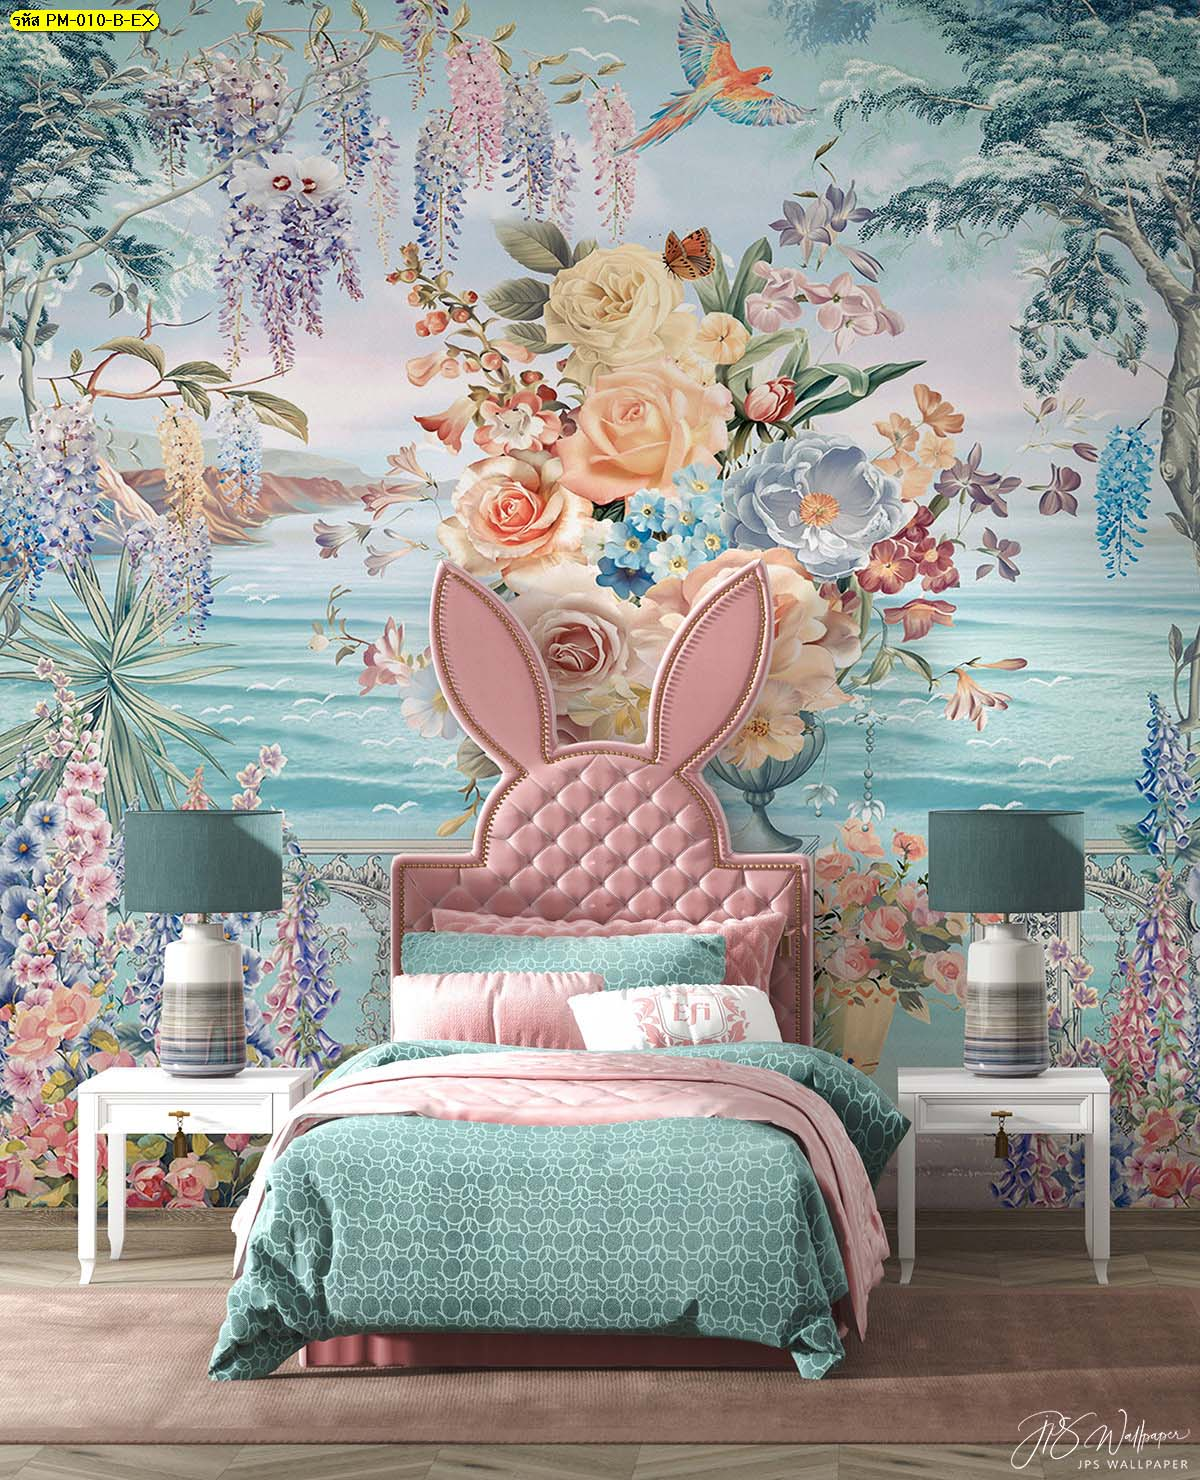 วอลเปเปอร์ติดห้องนอนเด็กลายสวนดอกไม้ริมทะเลสีฟ้า ภาพติดผนังเสริมจินตนาการ